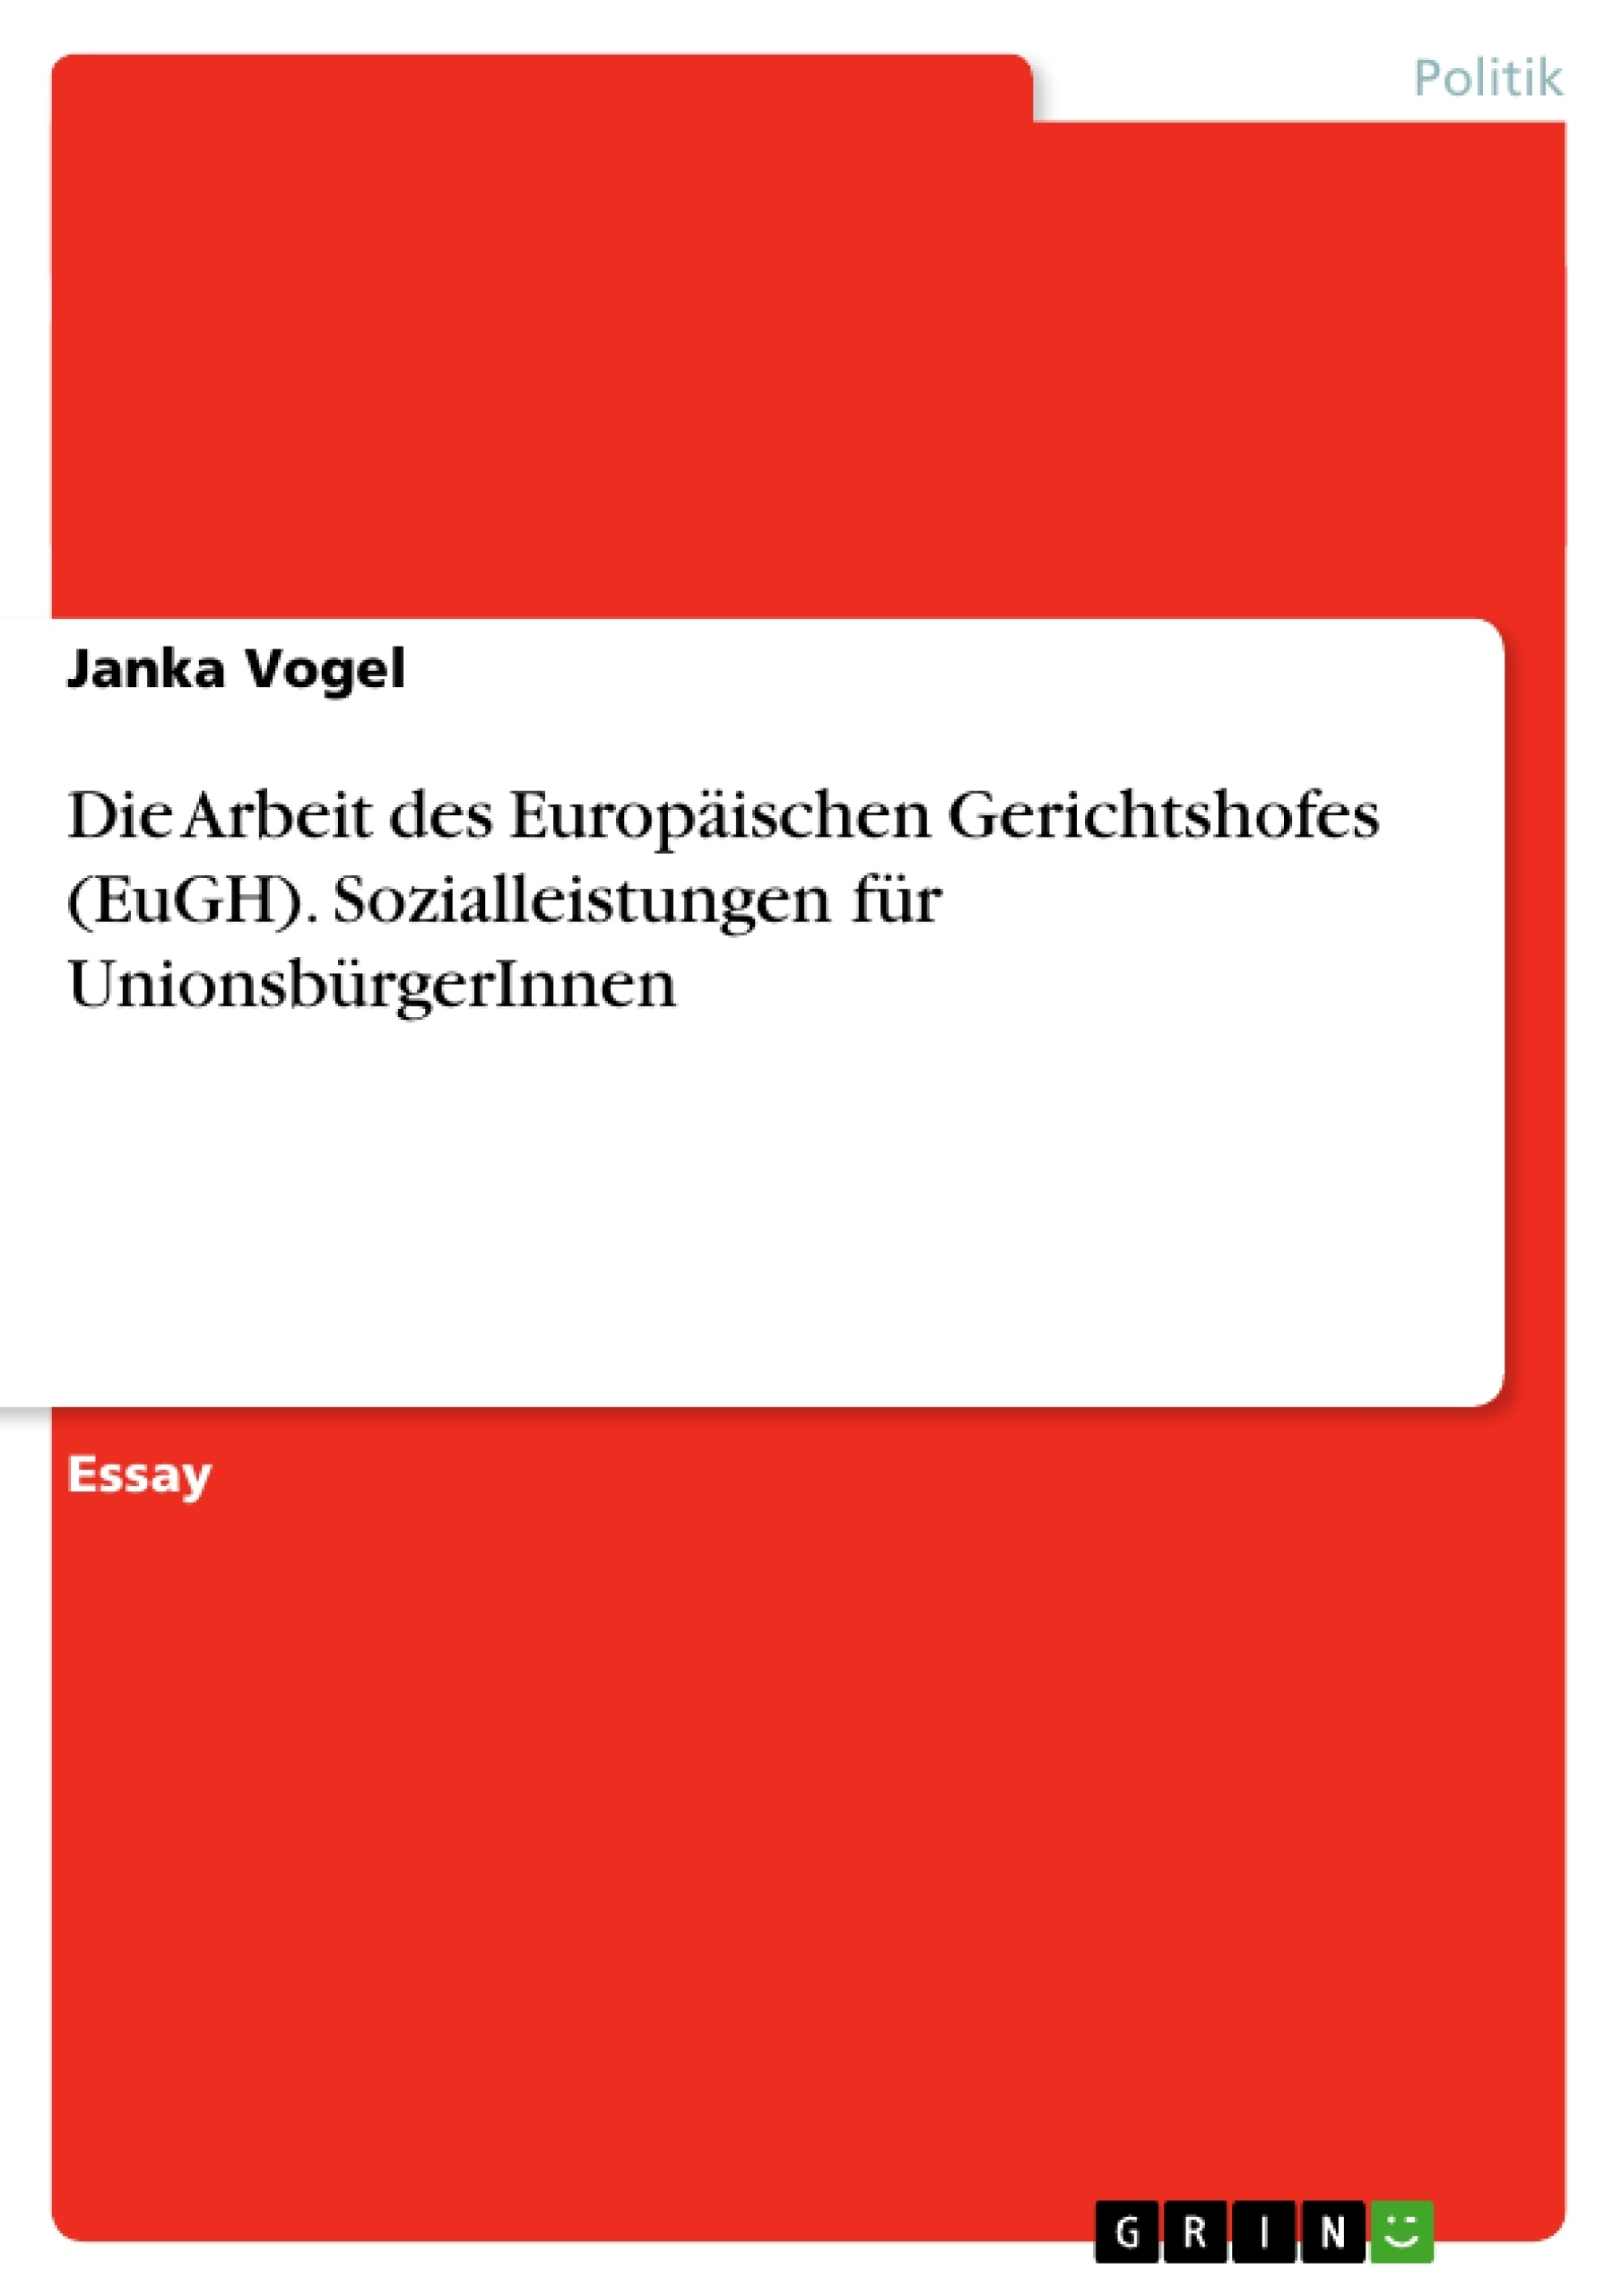 Titel: Die Arbeit des Europäischen Gerichtshofes (EuGH). Sozialleistungen für UnionsbürgerInnen